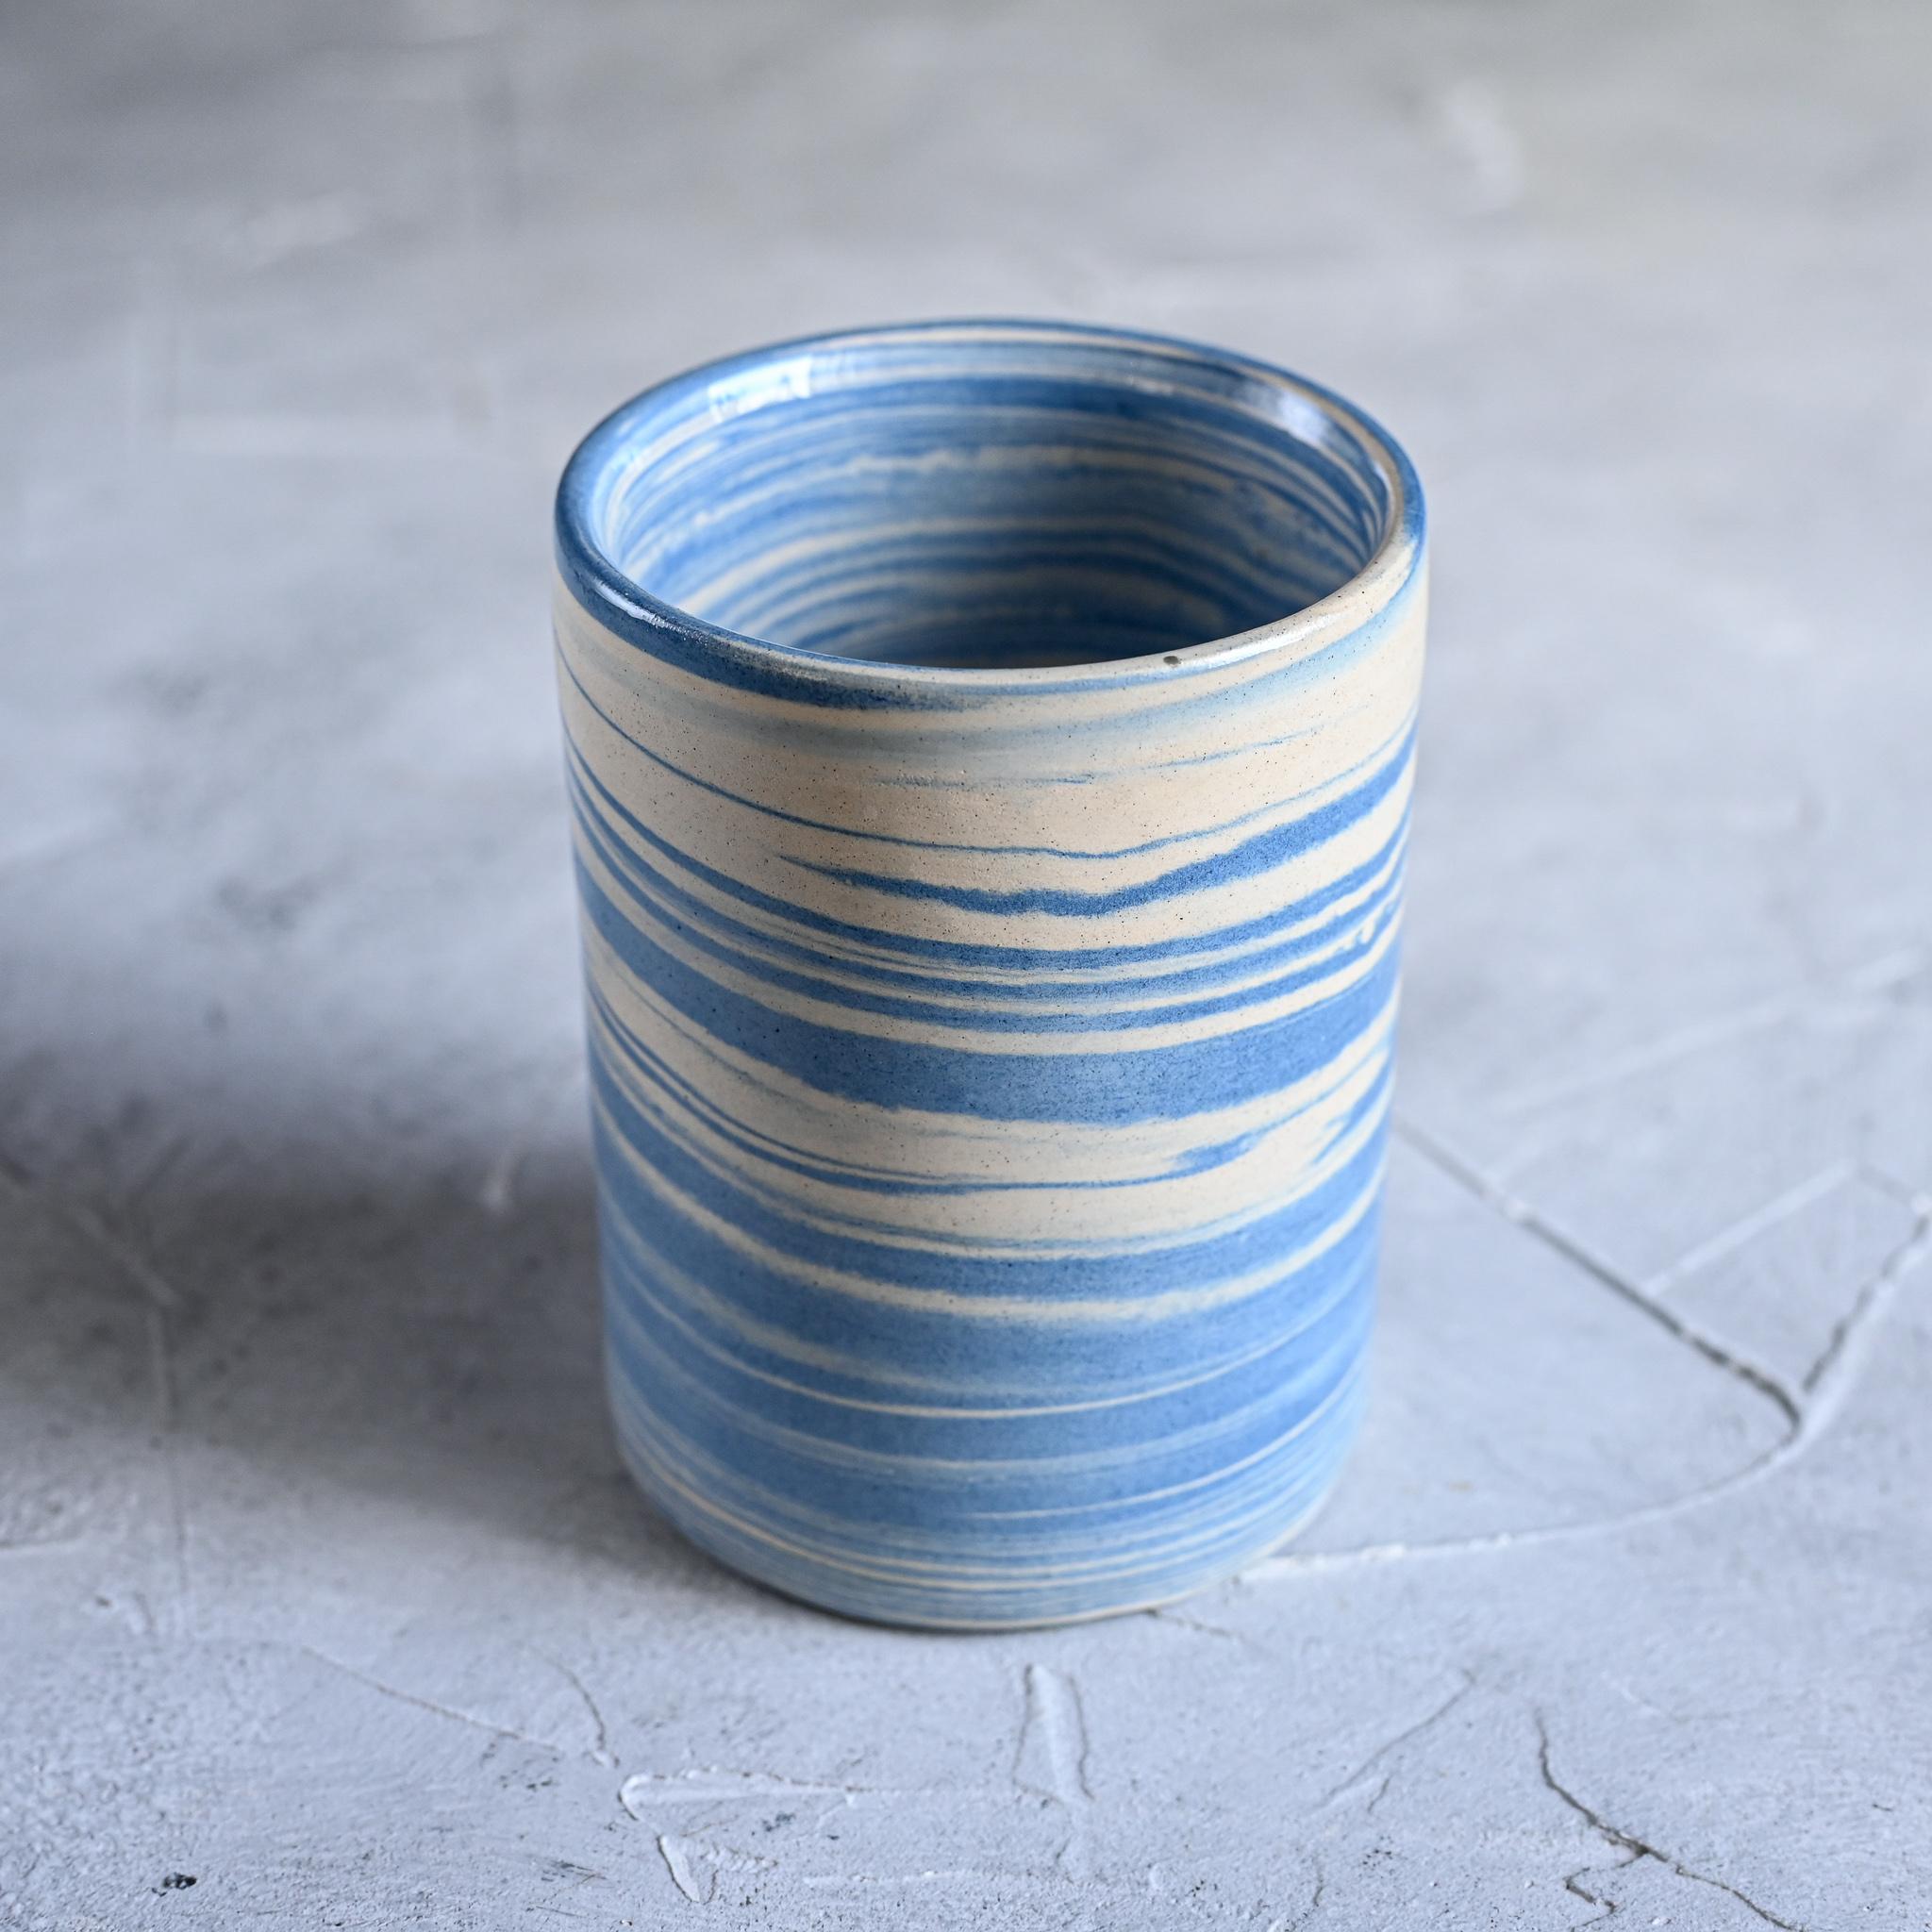 картинка Керамический стакан в технике нерияге 3 - DishWishes.Ru